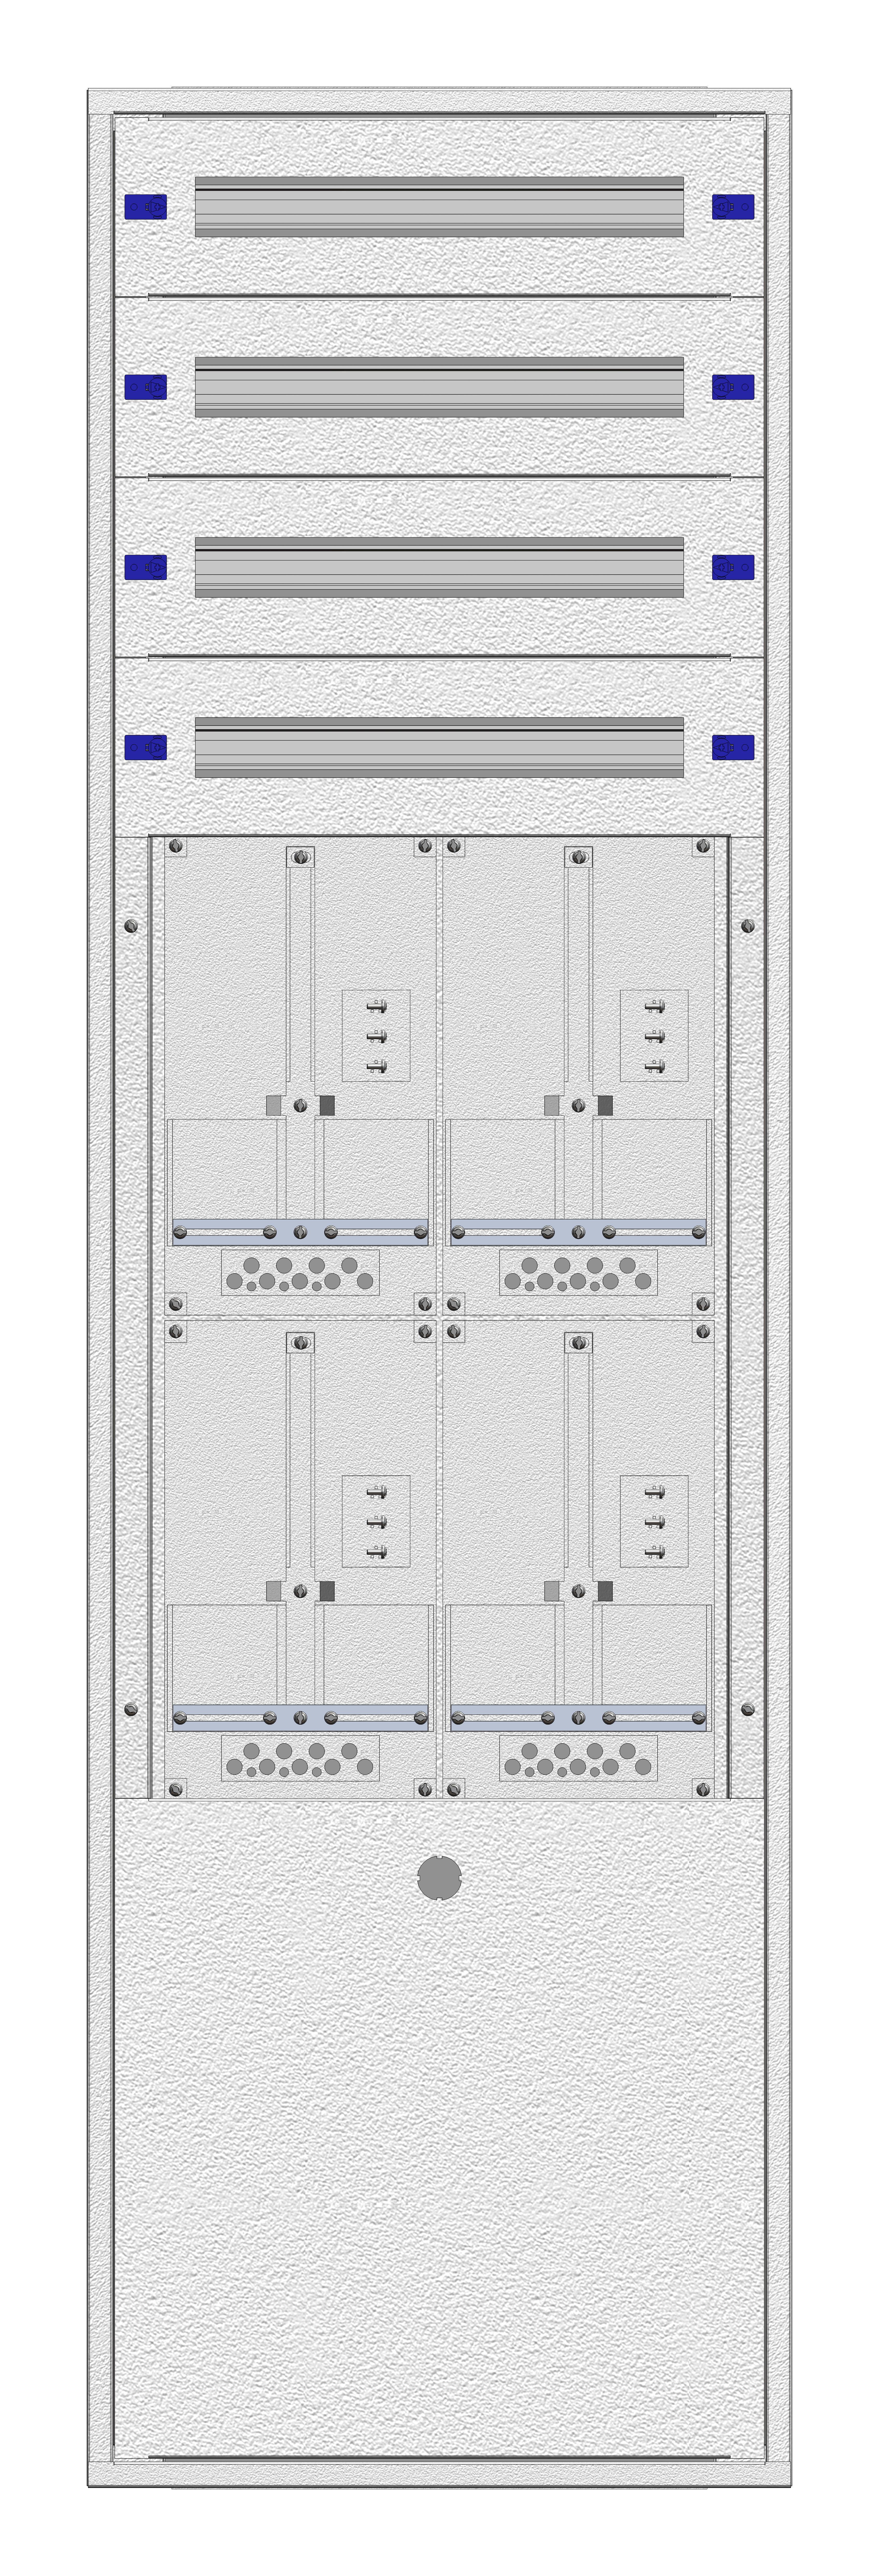 1 Stk Aufputz-Zählerverteiler 2A-39G/BGLD 4ZP, H1885B590T250mm IL162239BS